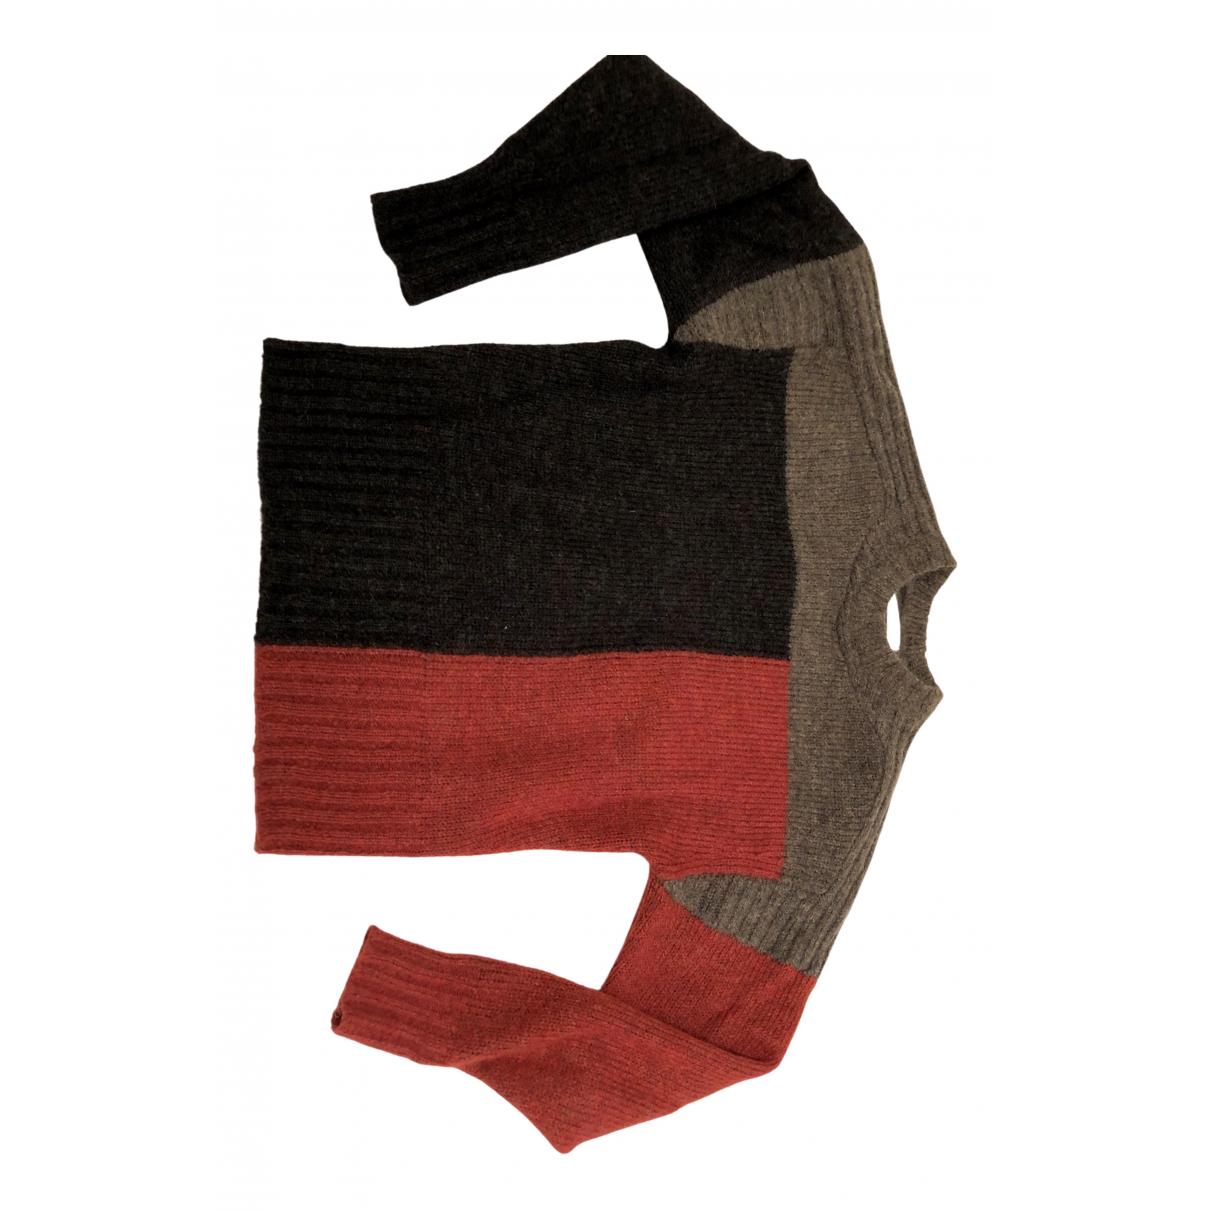 Isabel Marant Etoile - Pull   pour femme - multicolore